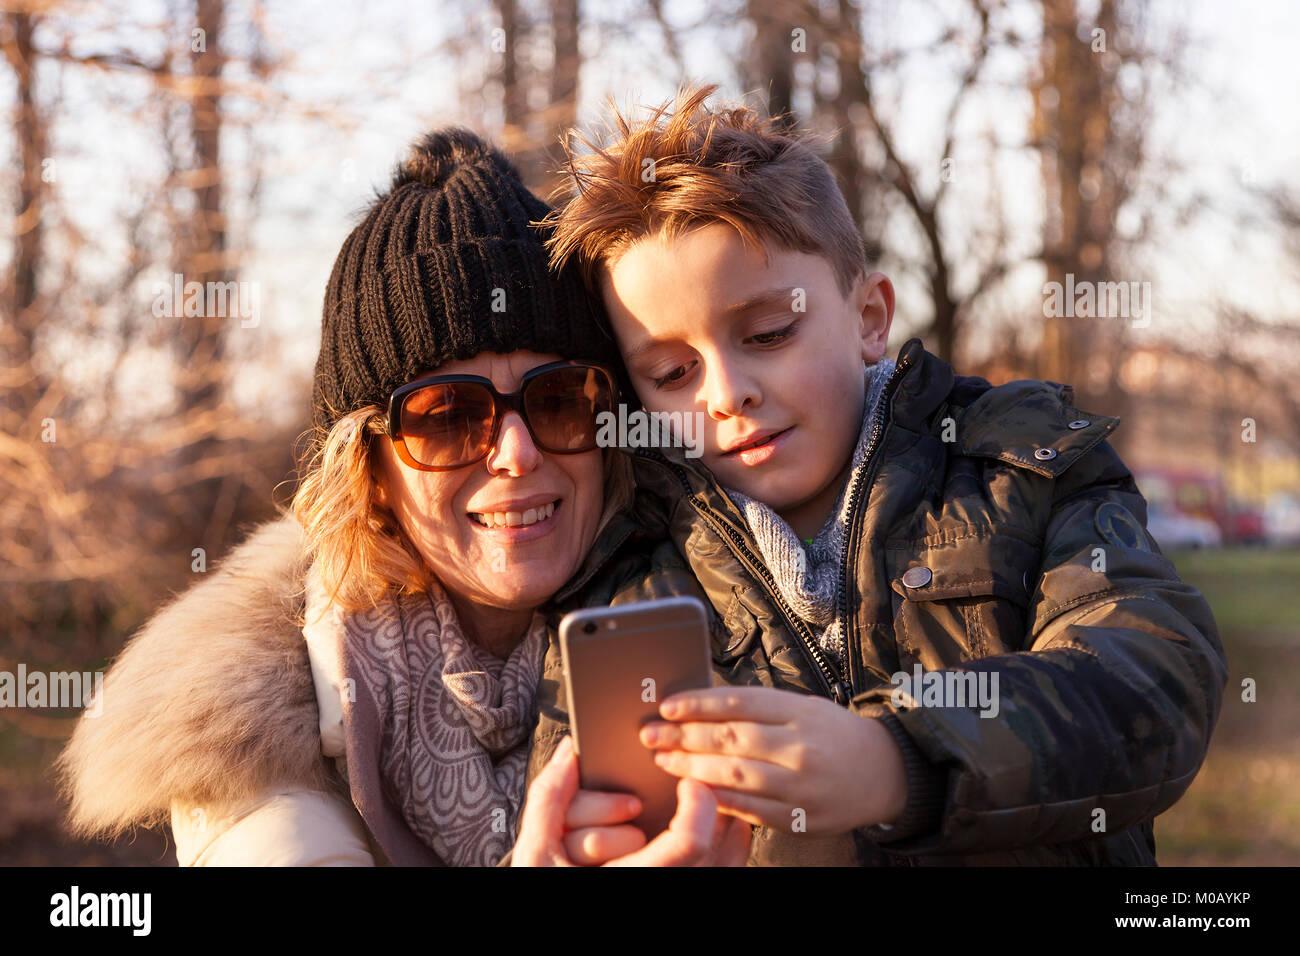 La madre e il figlio prende un selfie in un parco pubblico in inverno. concetto di persone aventi fun Immagini Stock